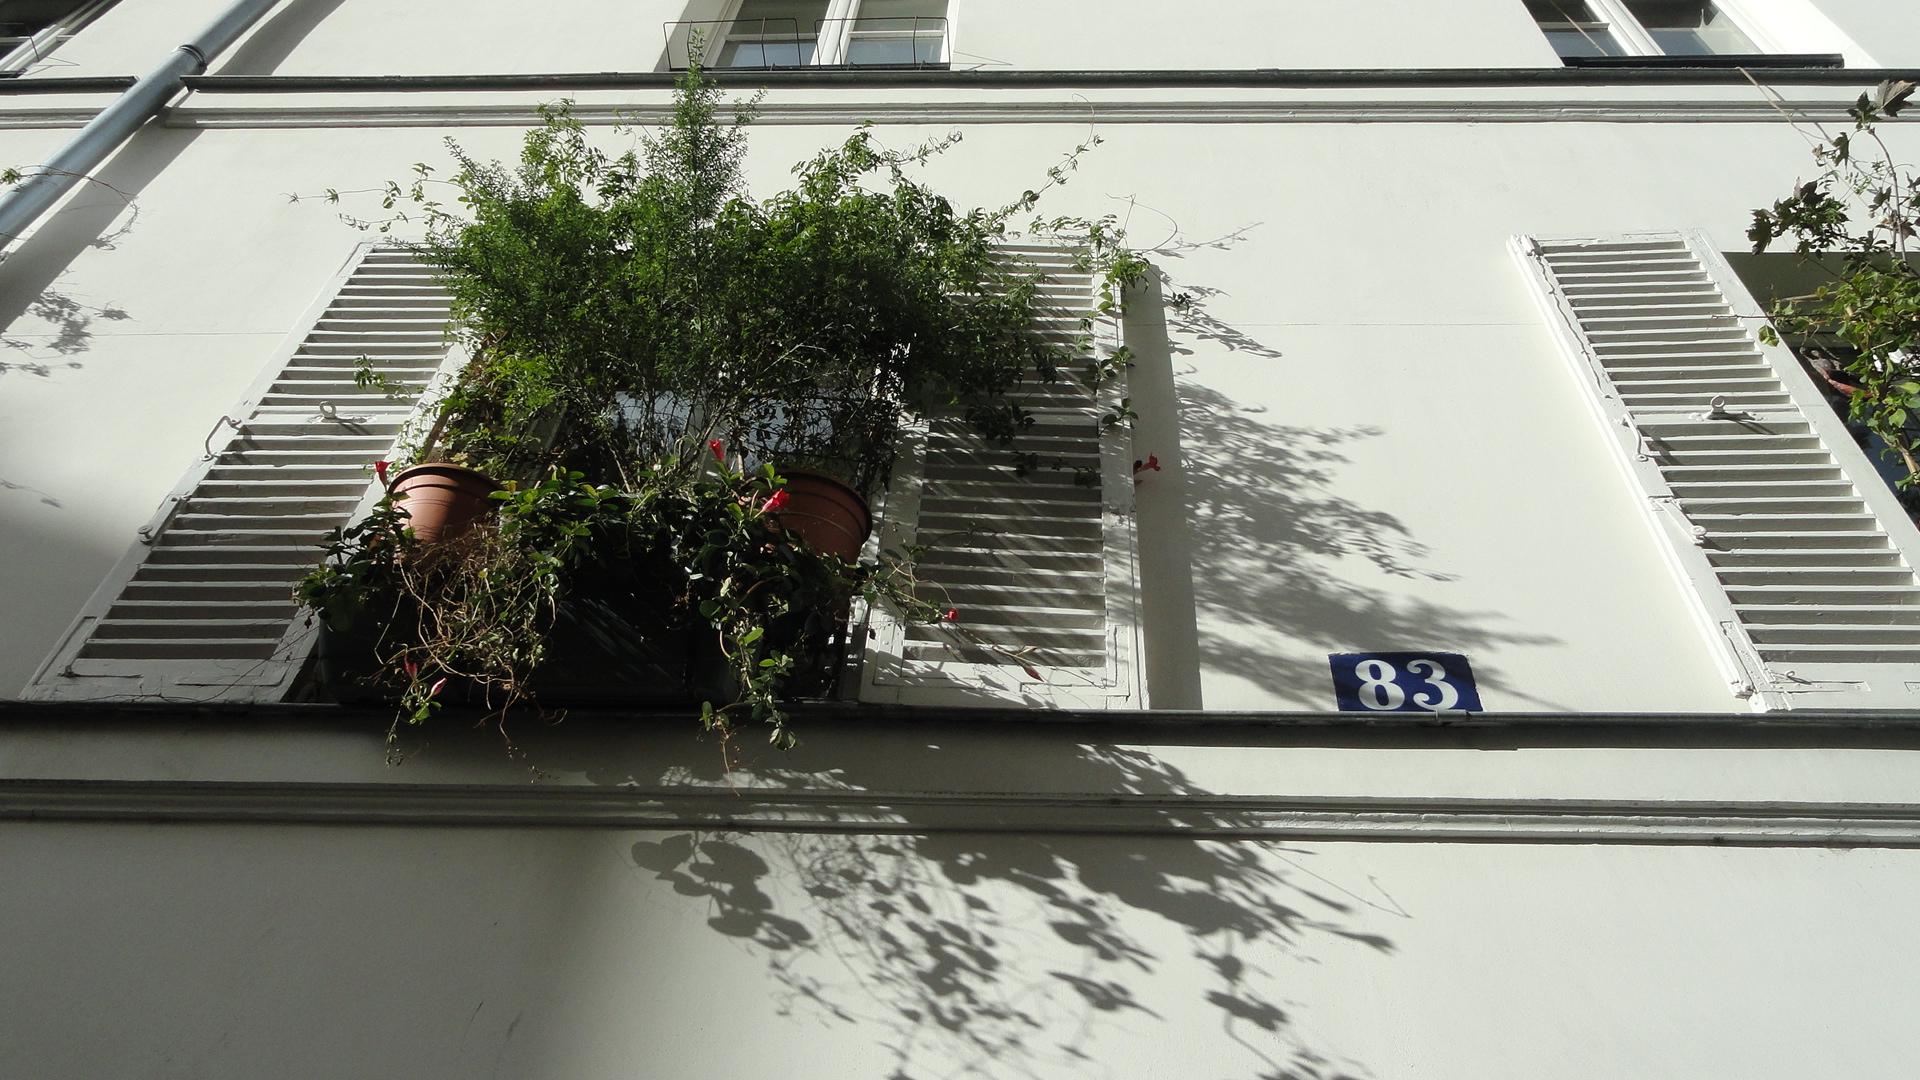 83 rue de Bagnolet